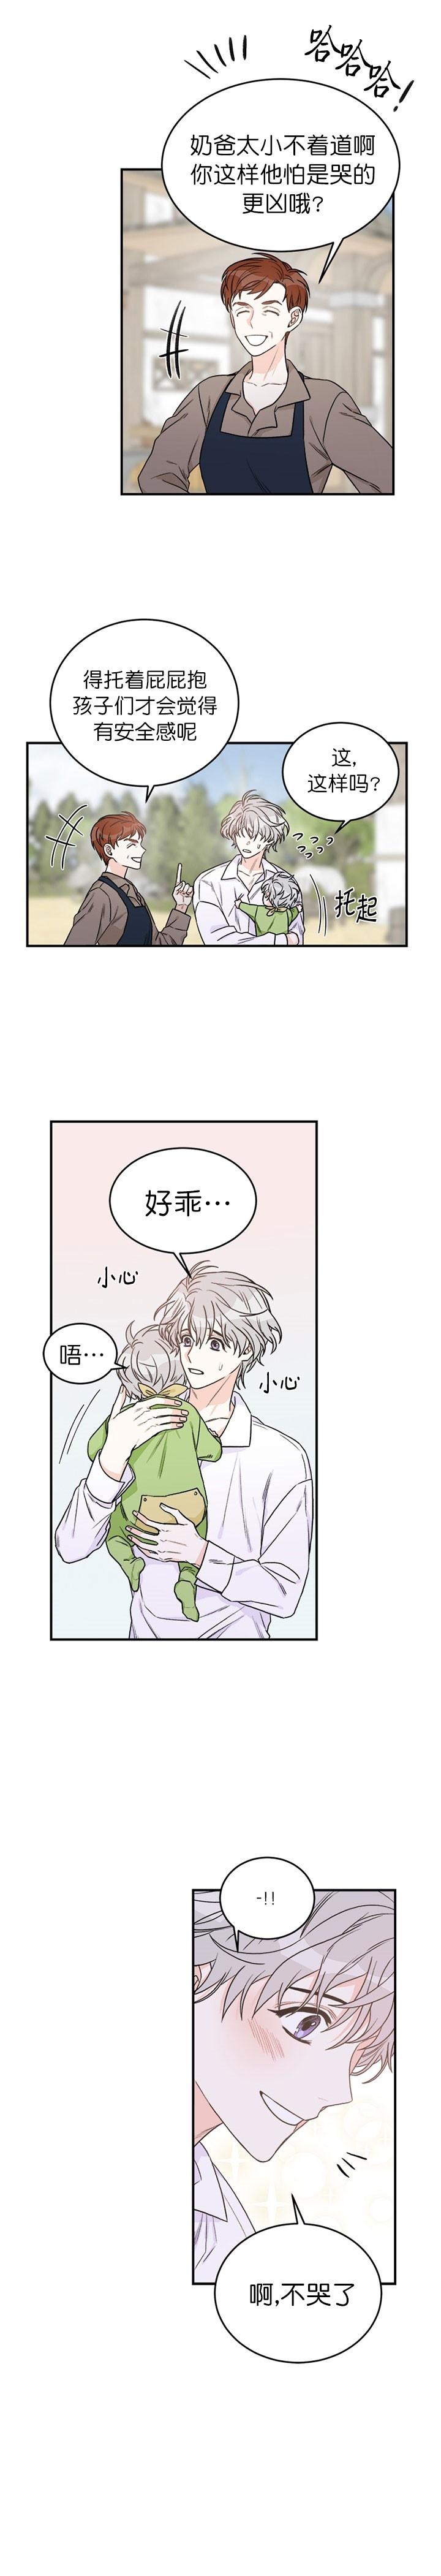 逐龙-漫画完整版汉化_全集在线阅读-啵乐漫画